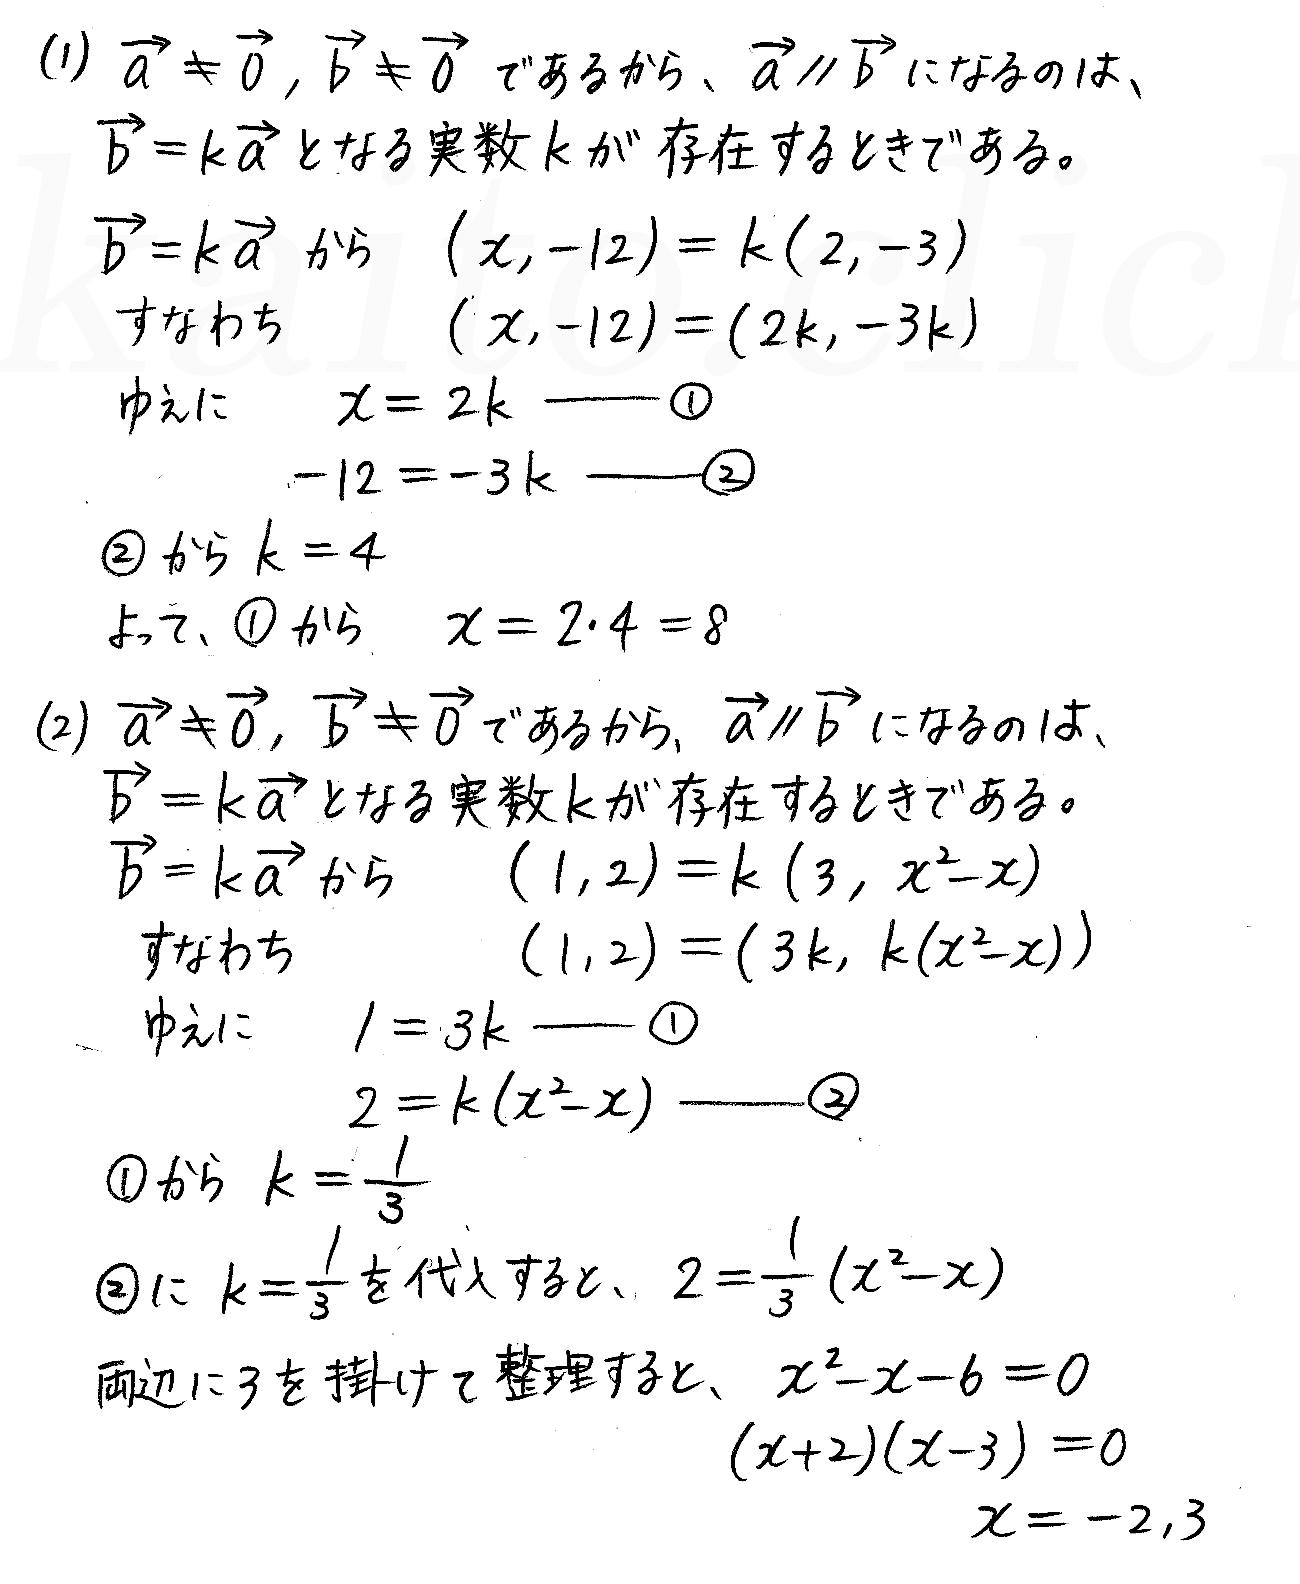 クリアー数学B-18解答